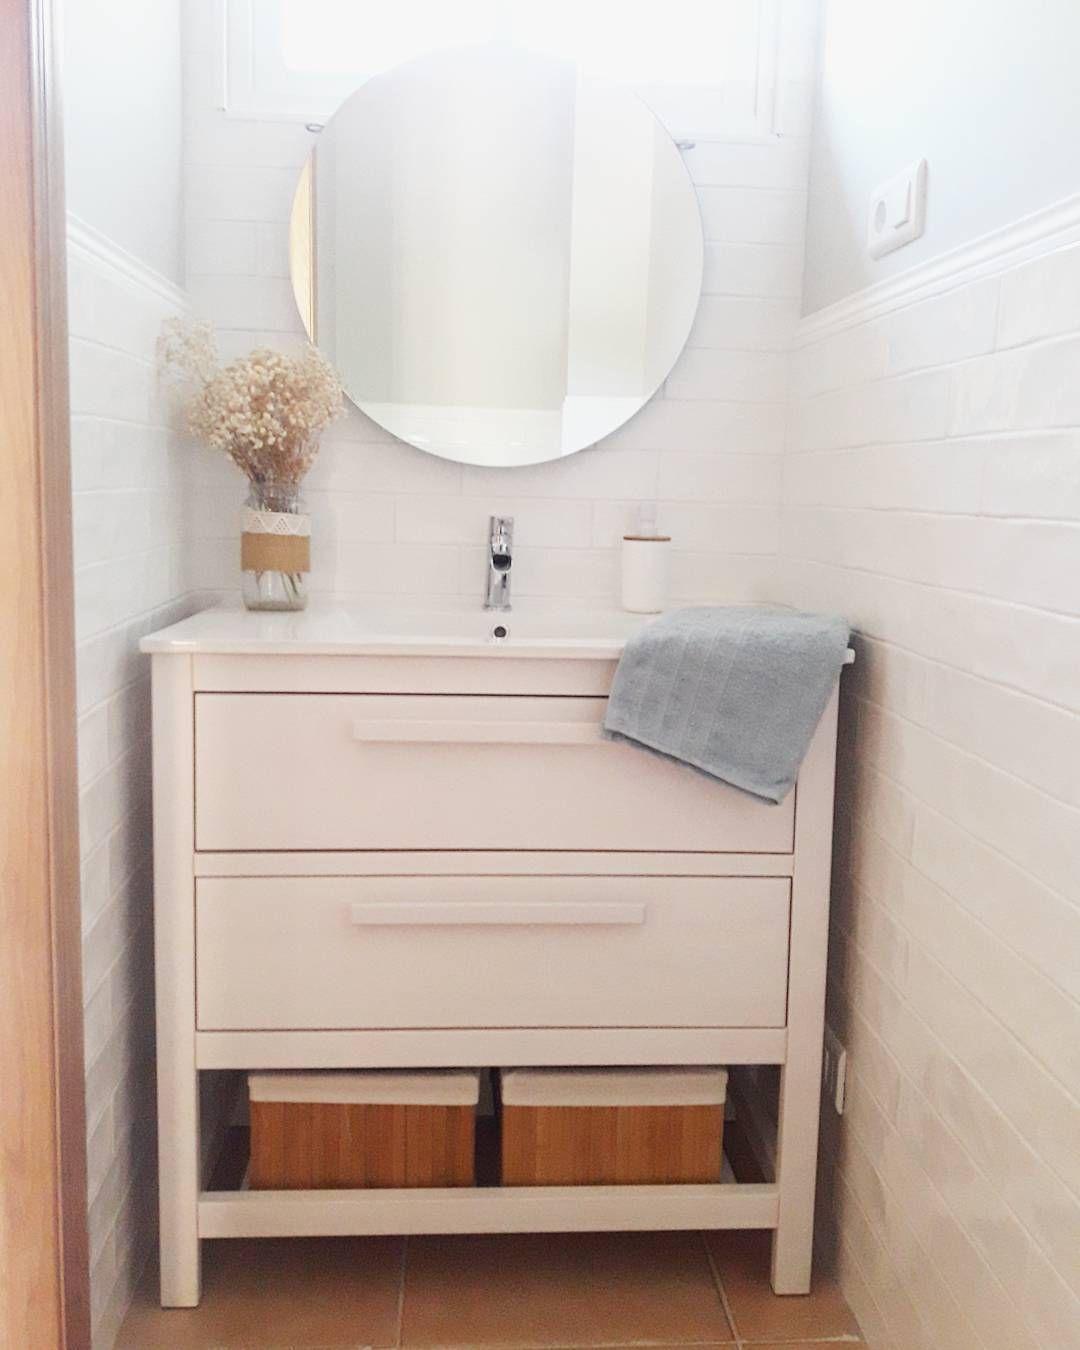 Mueble de ba o hemnes sin caj n y con otros tiradores deco diy ikea pinterest - Tiradores para muebles de bano ...